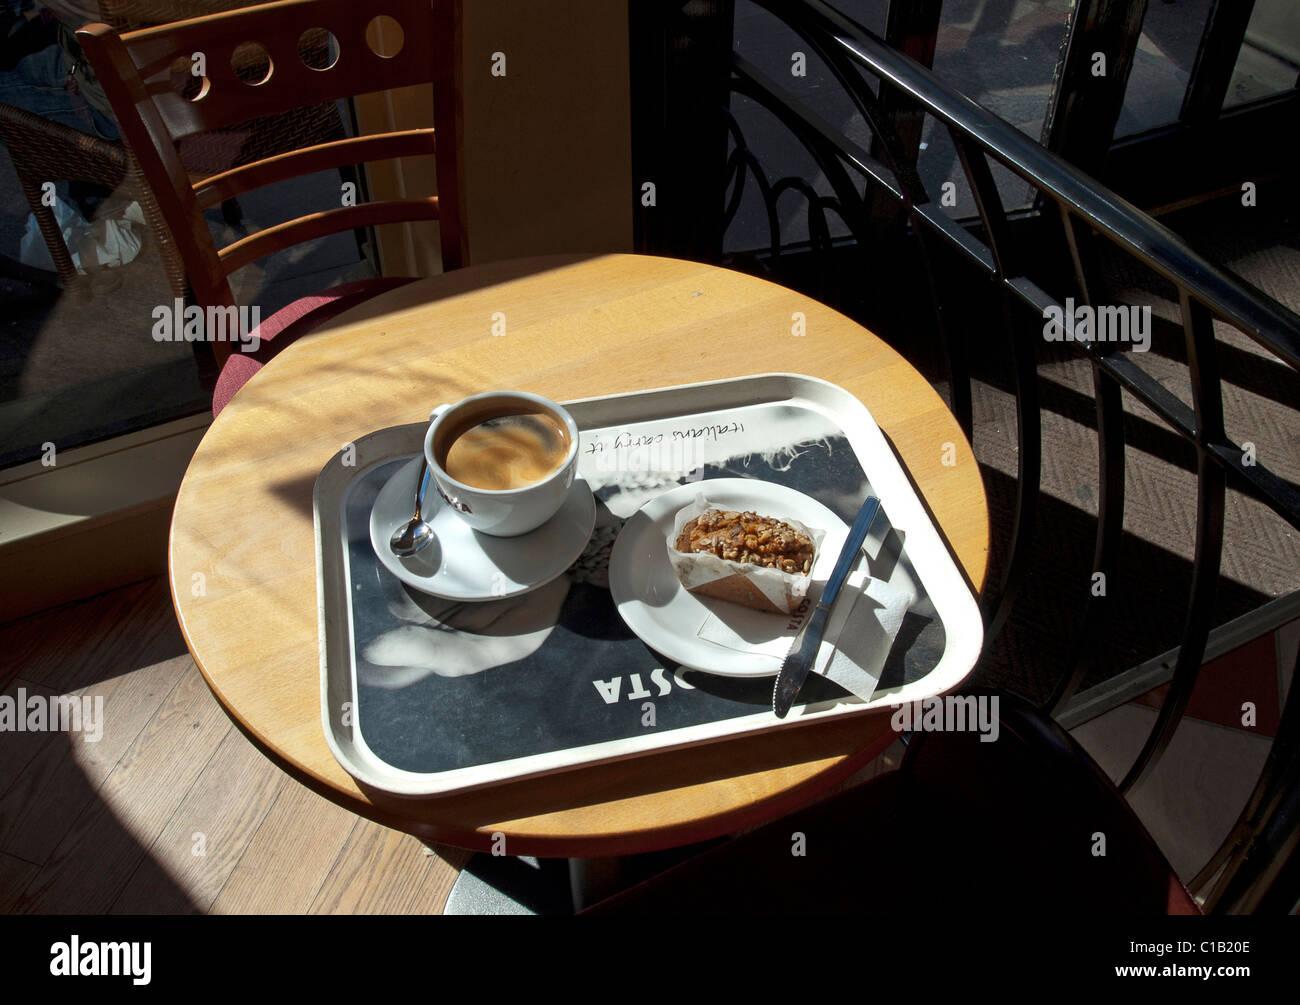 Tasse de café et des gâteaux sur le bac prêt à être consommé Photo Stock